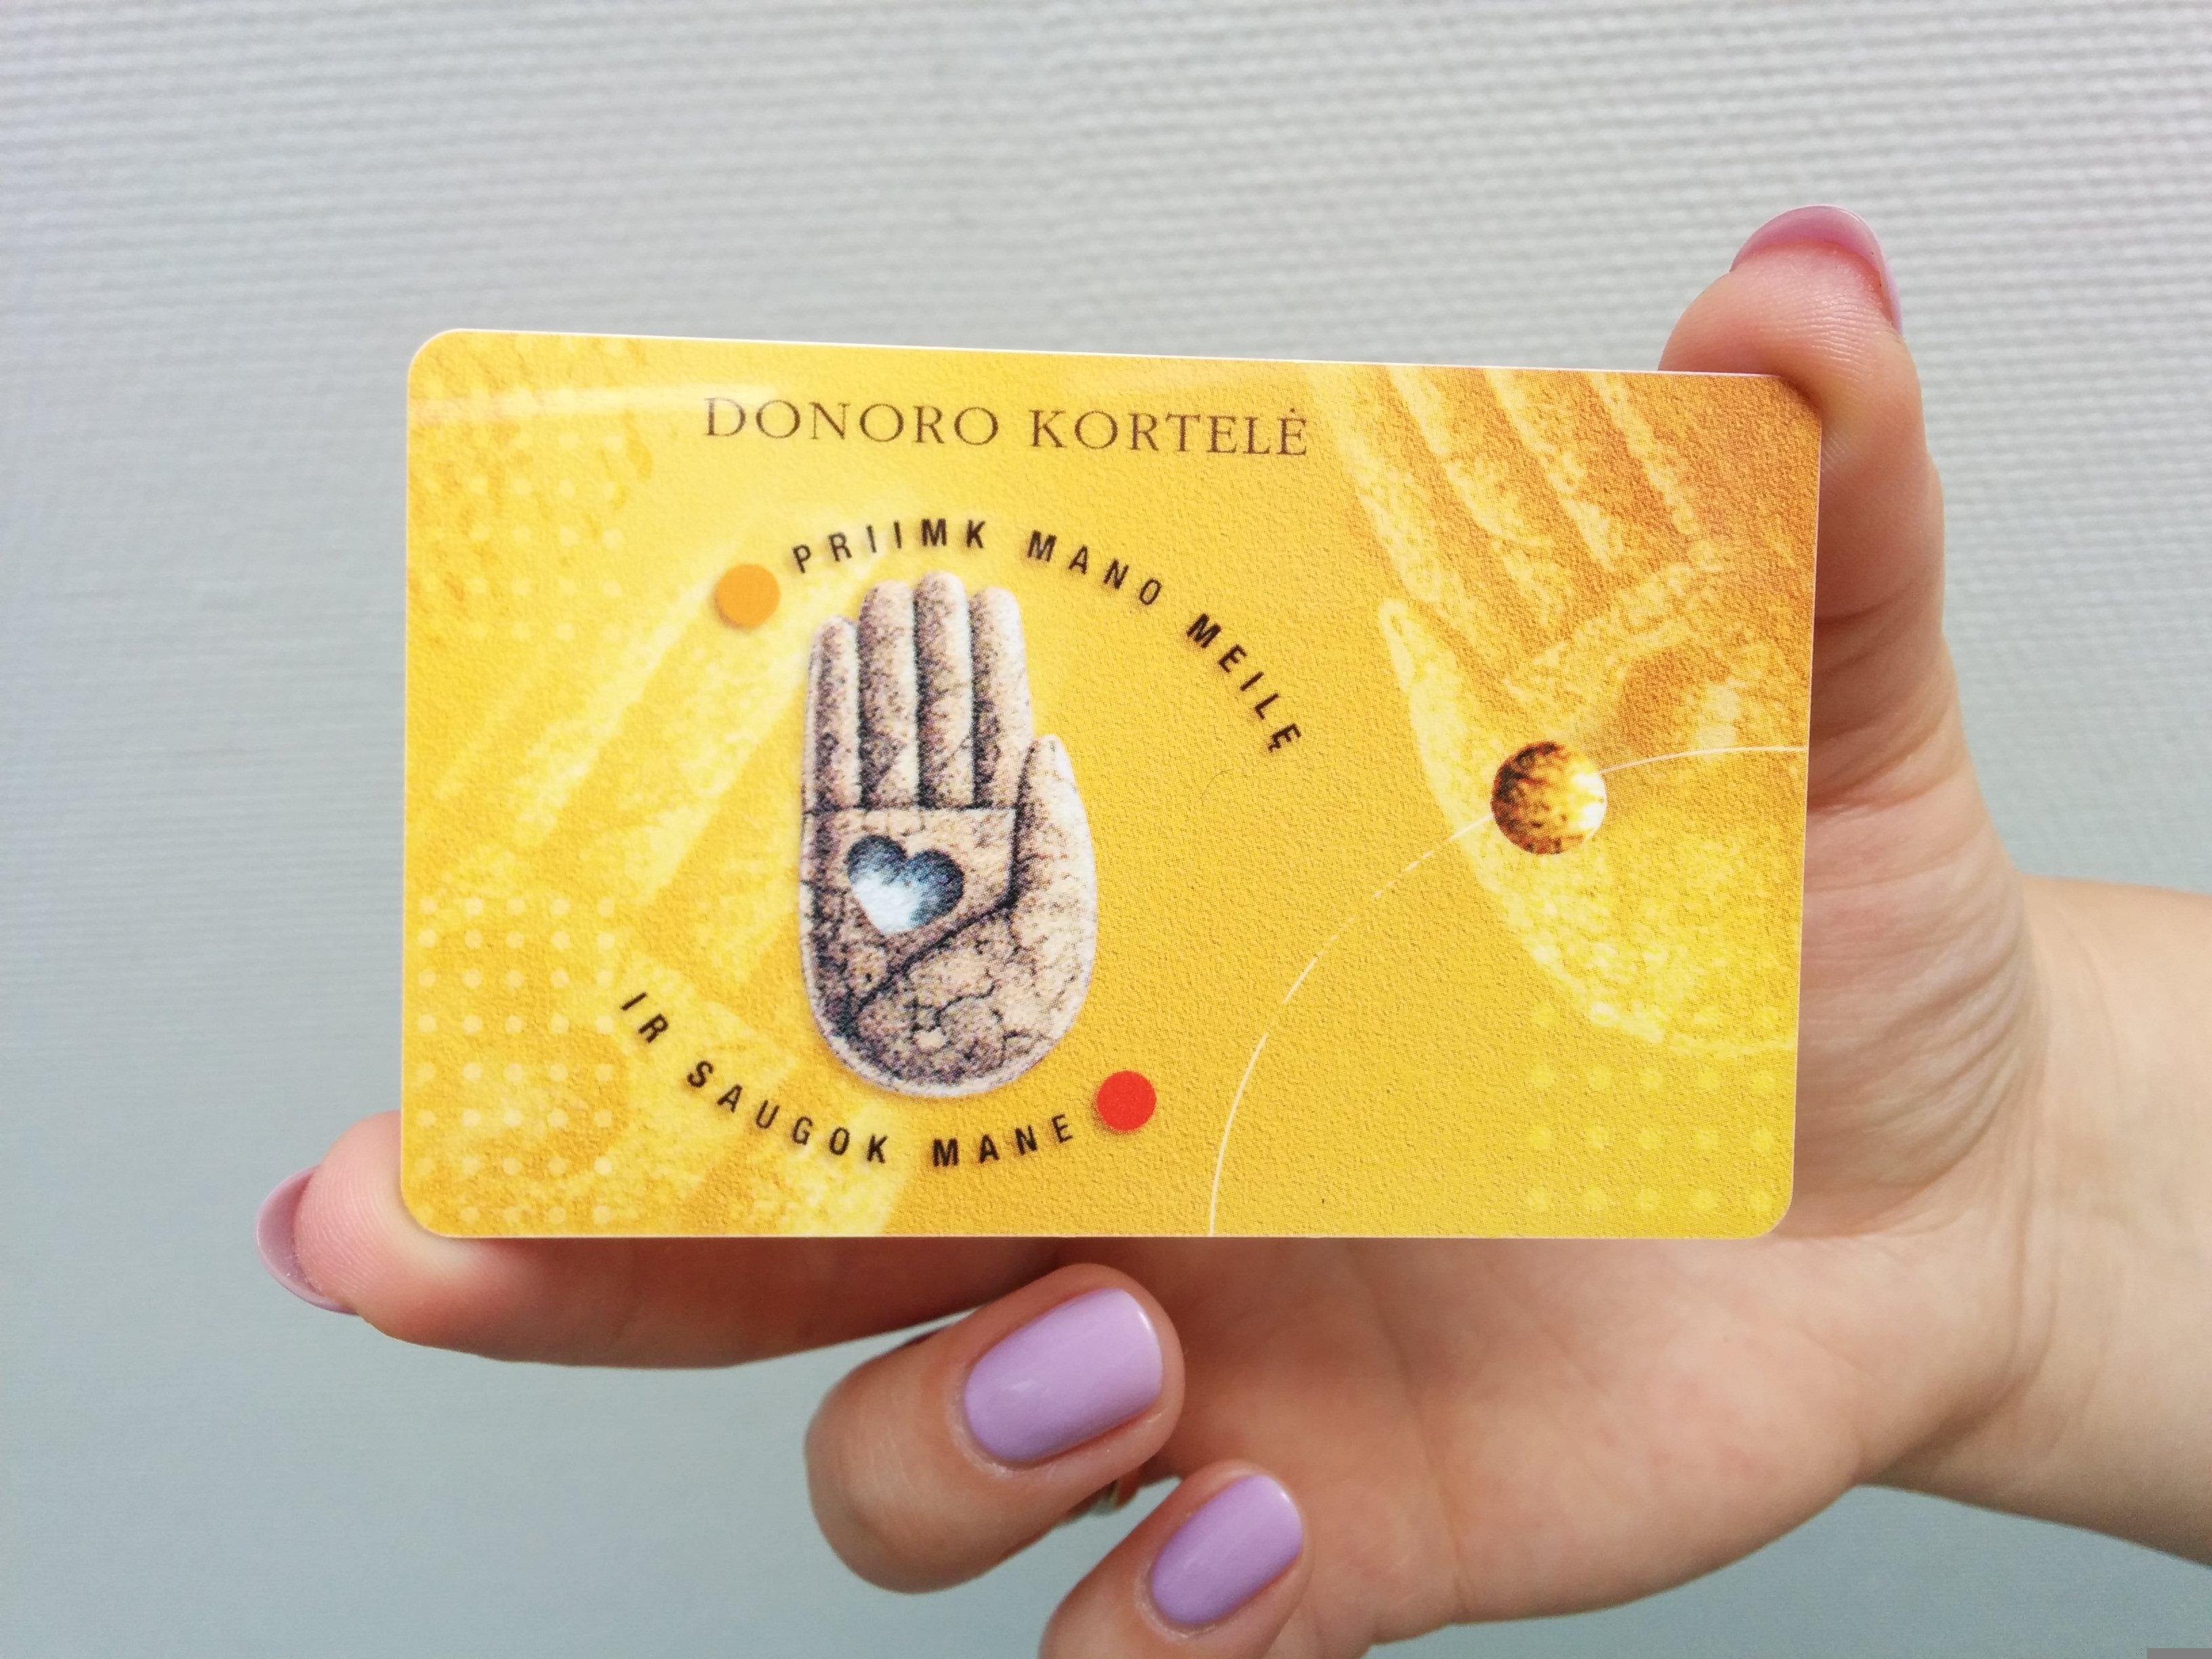 Donoro kortelė.